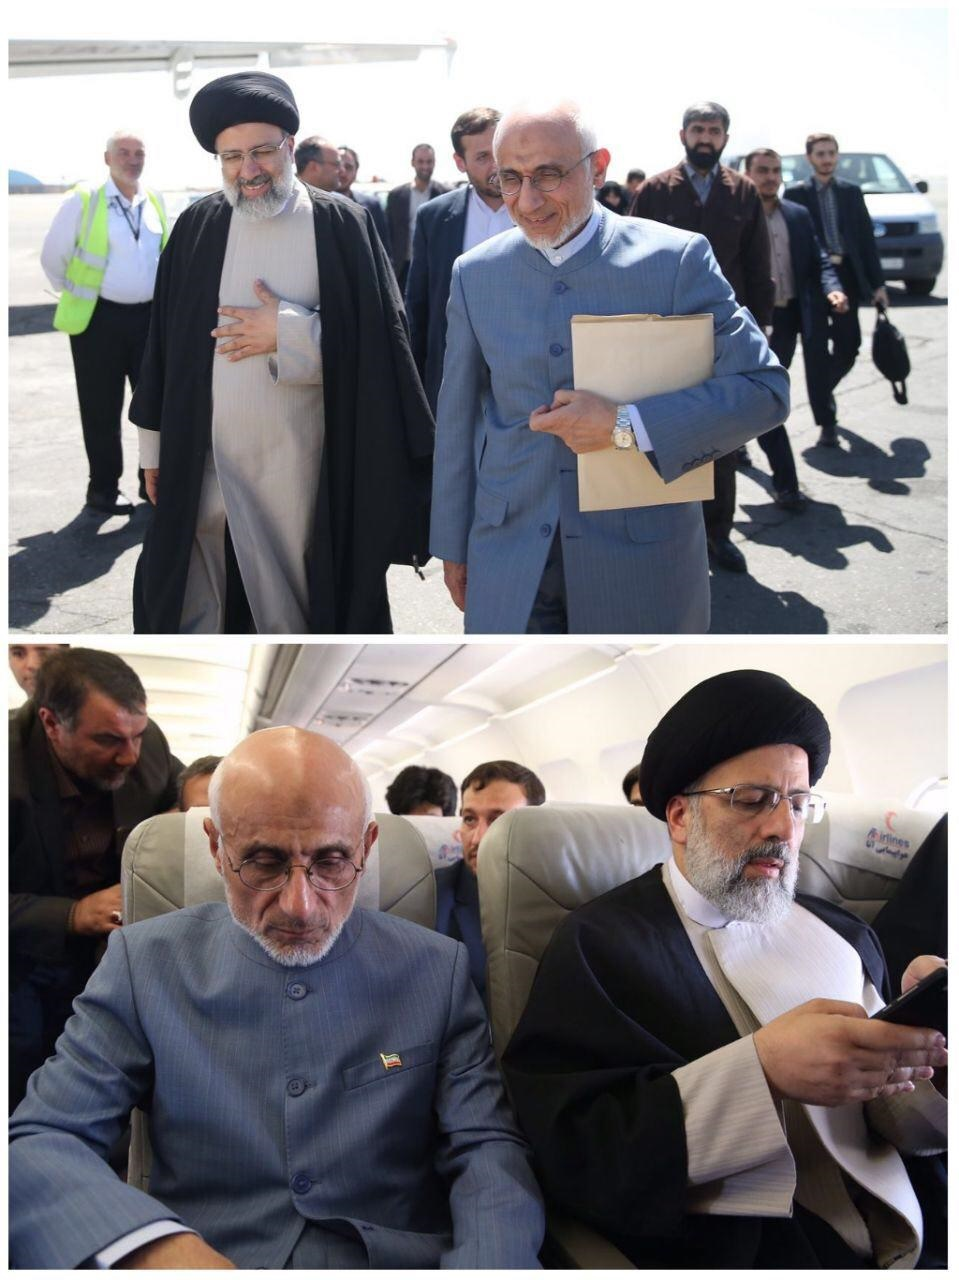 مصطفی میرسلیم,انتخابات ریاست جمهوری دوازدهم,سیدابراهیم رئیسی